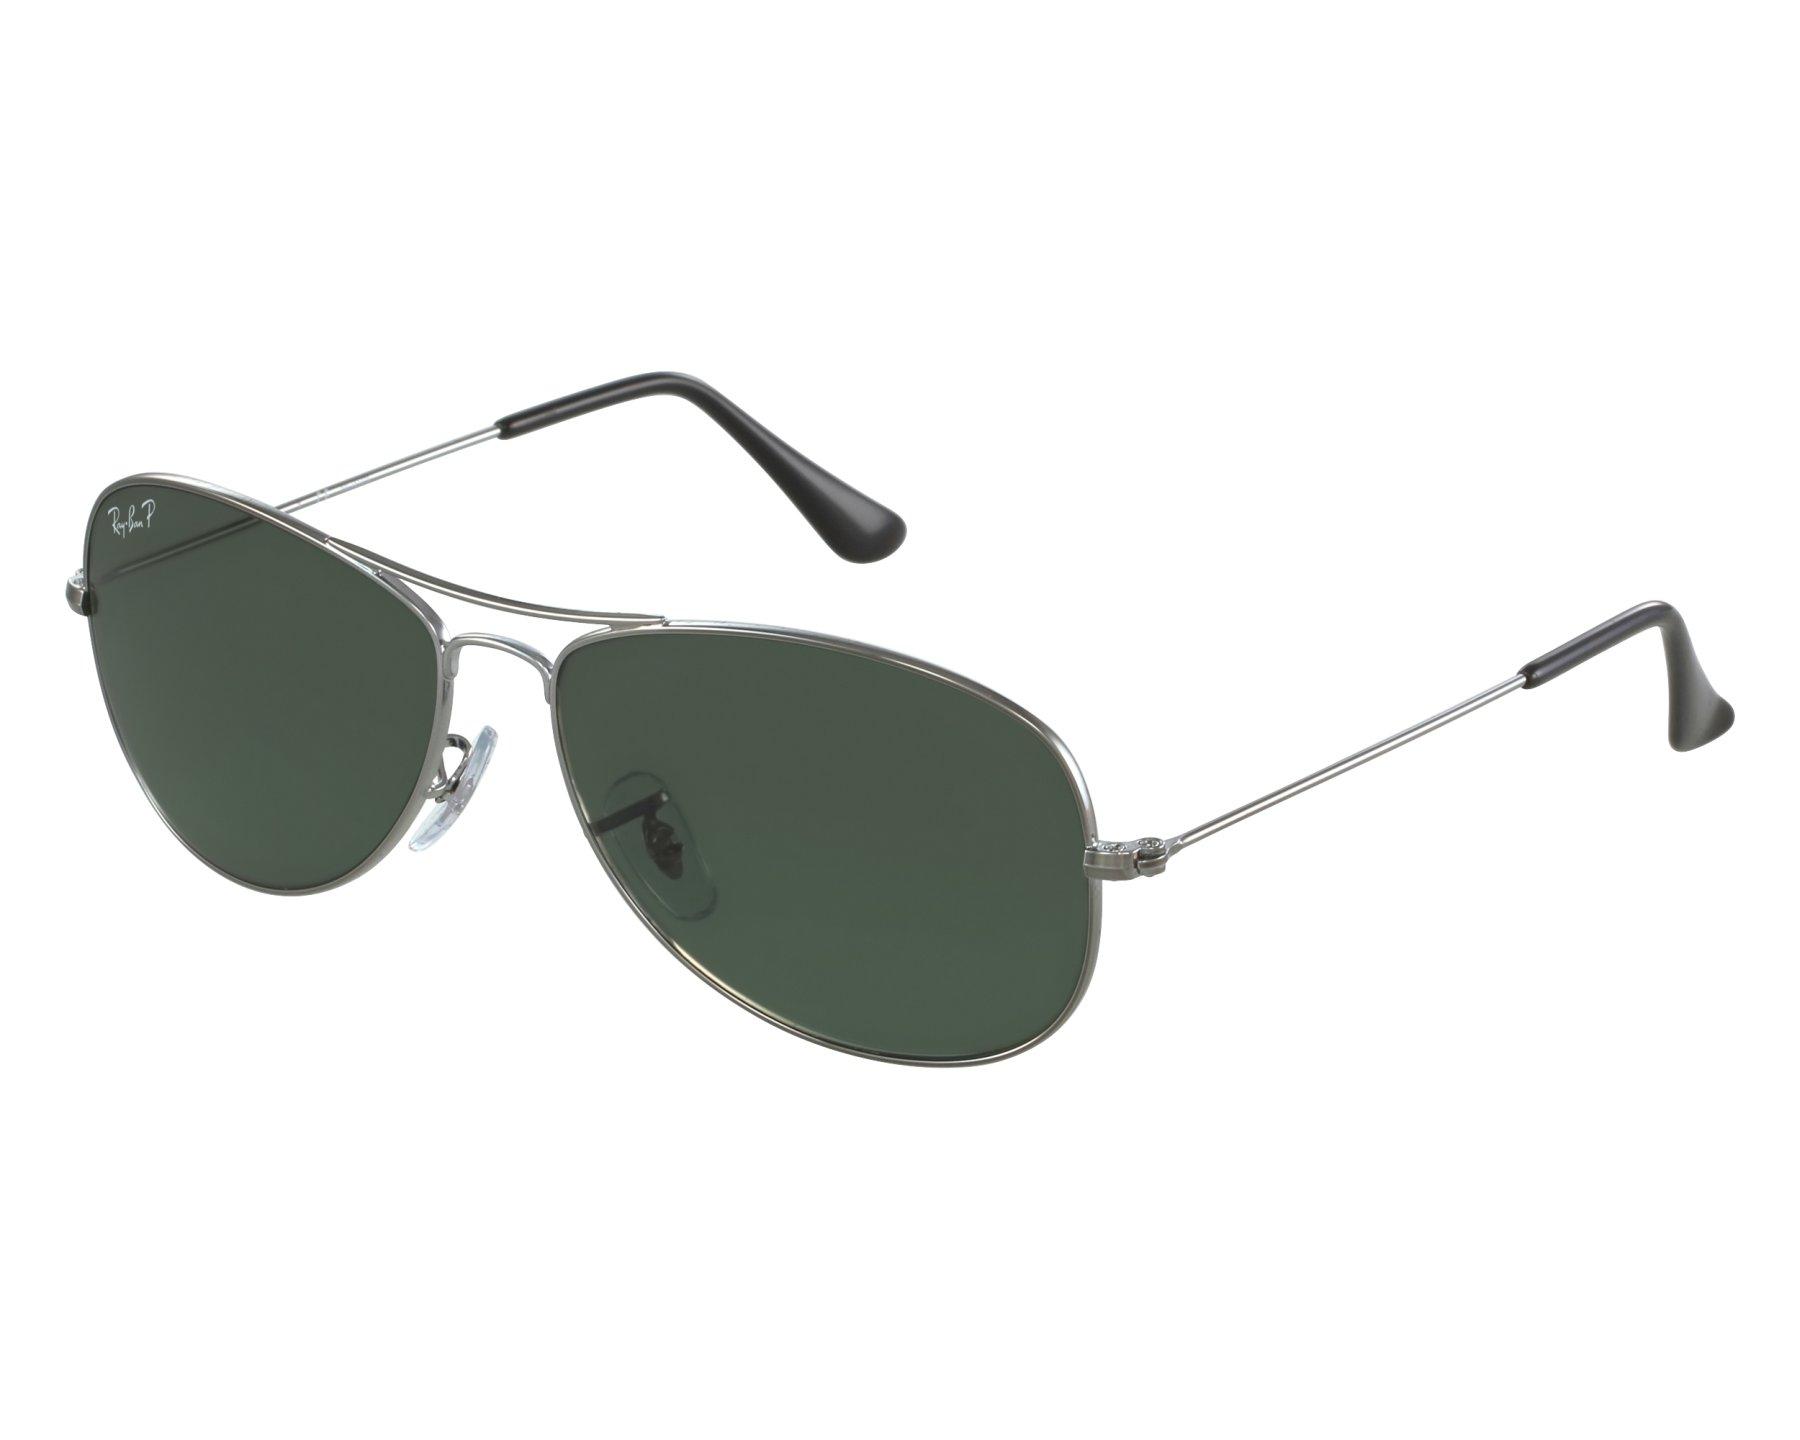 dcd0dedfa32a22 Sunglasses Ray-Ban RB-3362 004 58 59-14 Gun front view